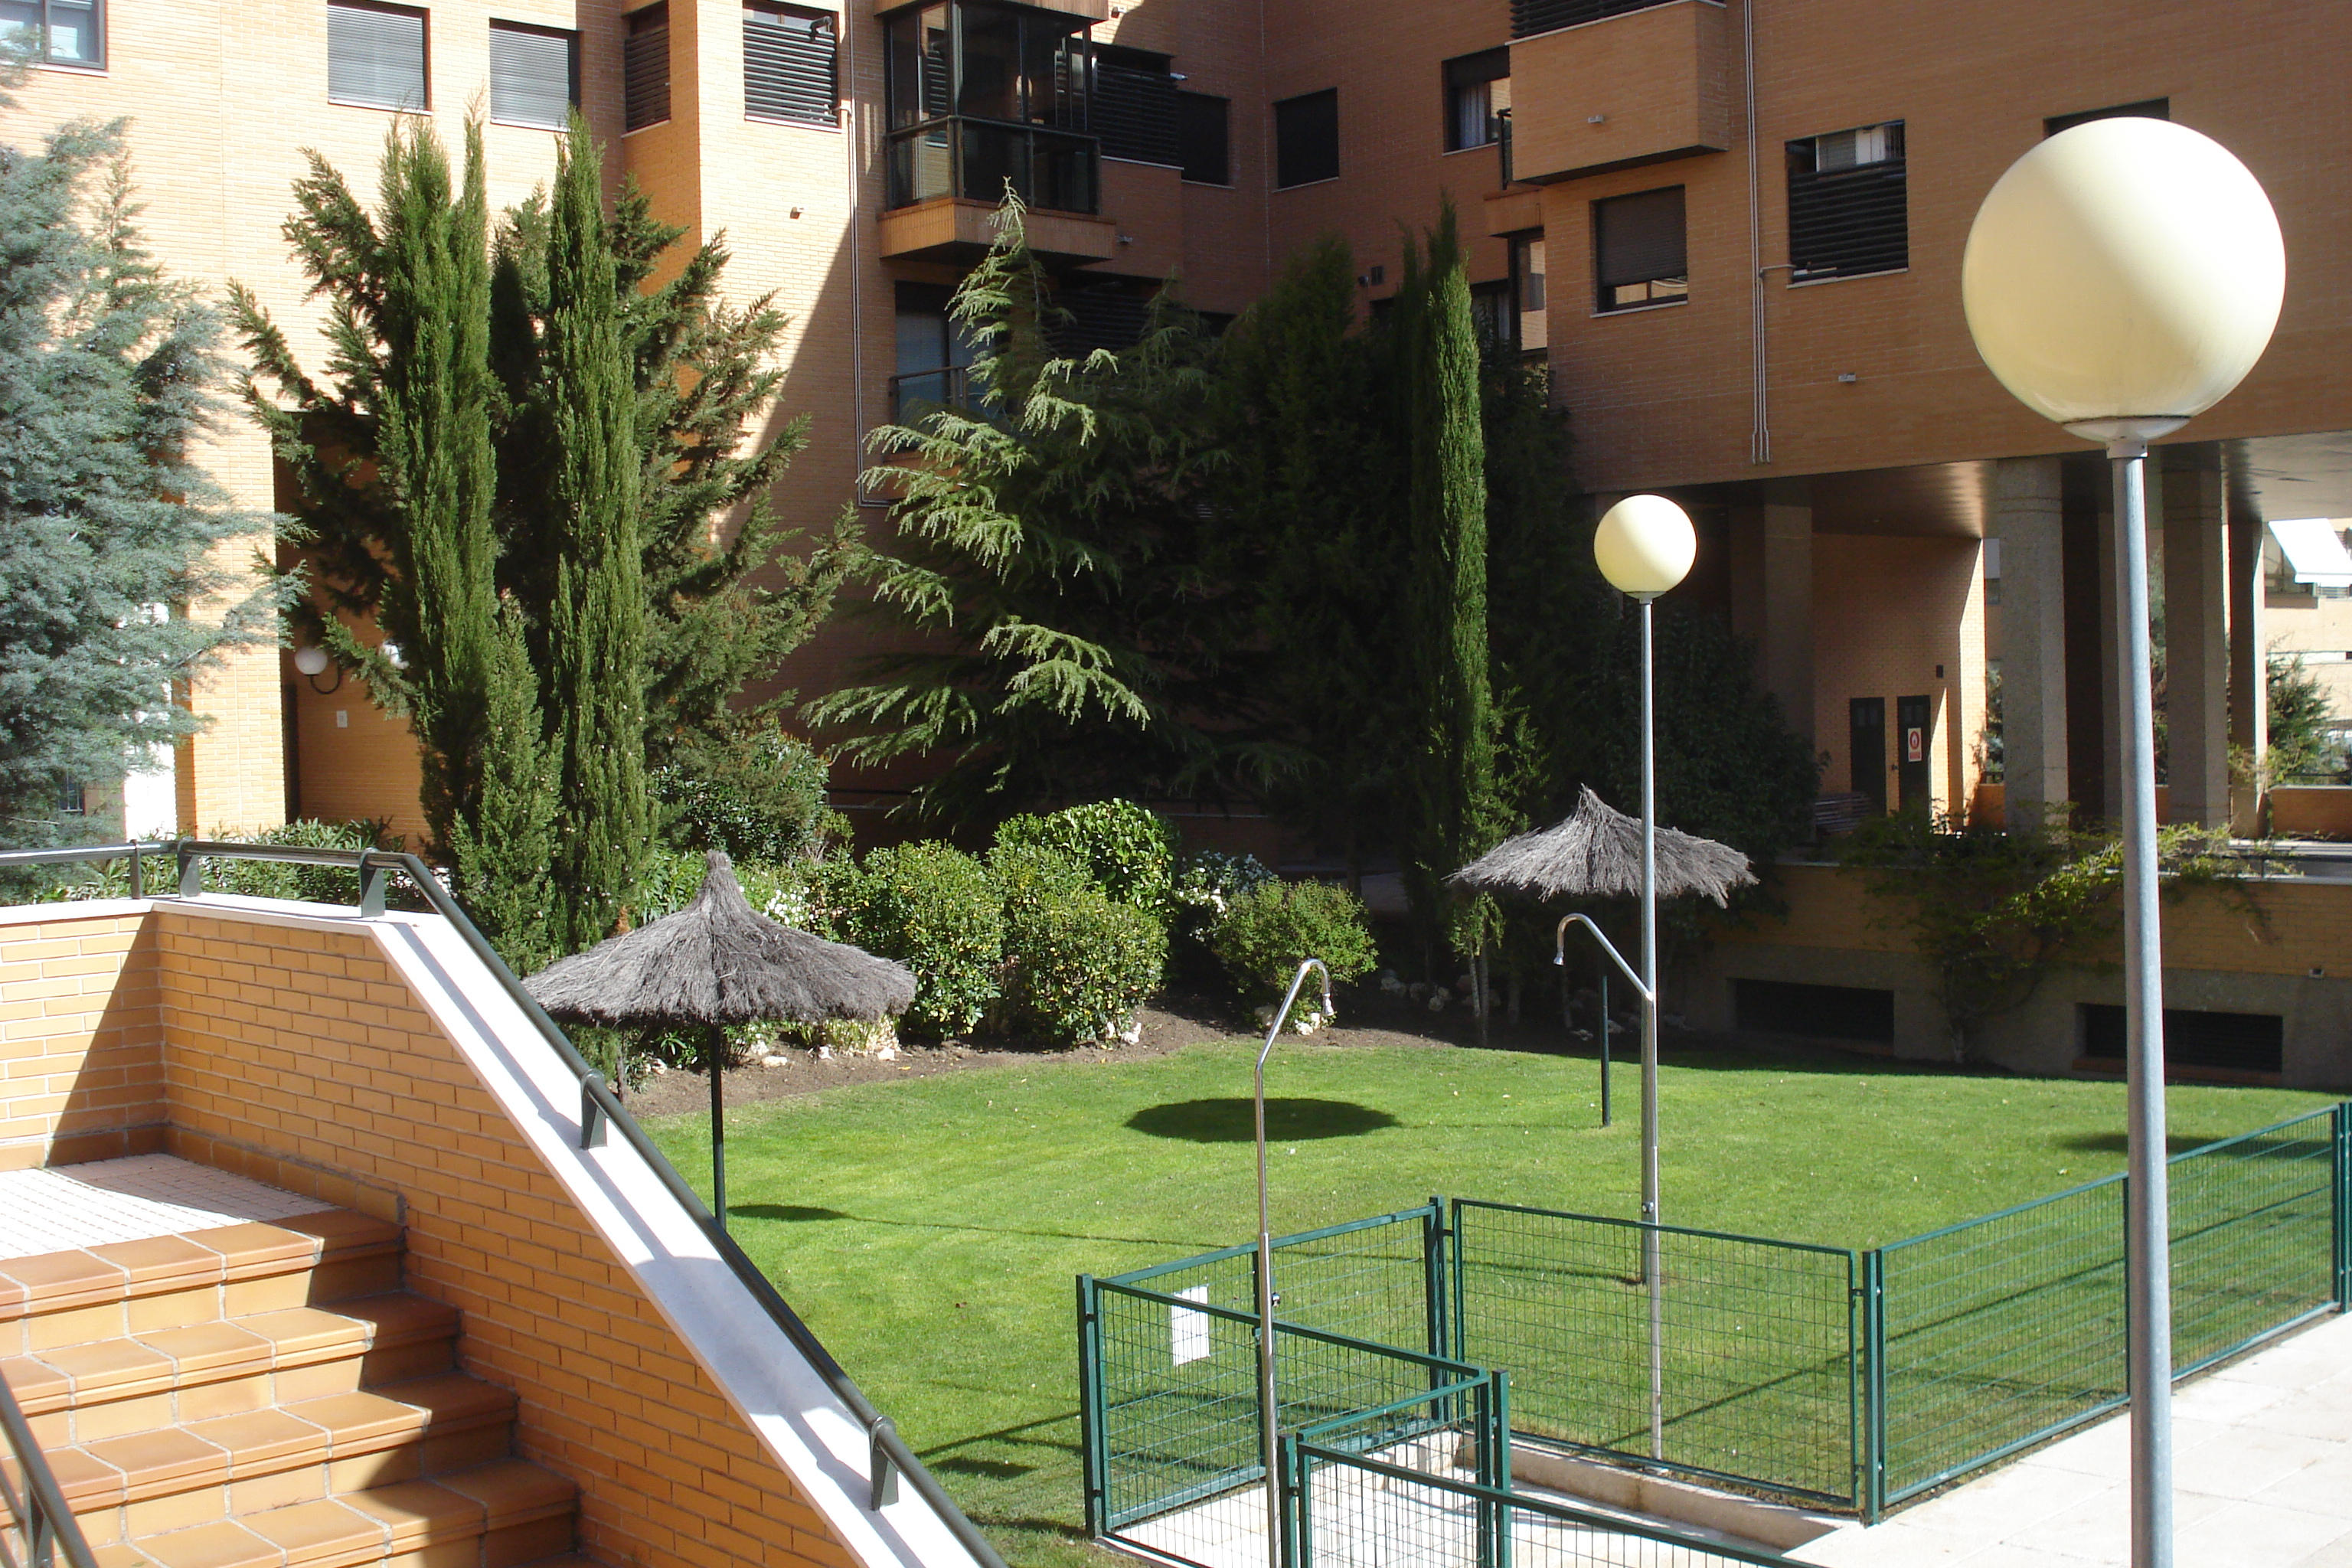 Jardin de comunidad en Las Rozas, Madrid